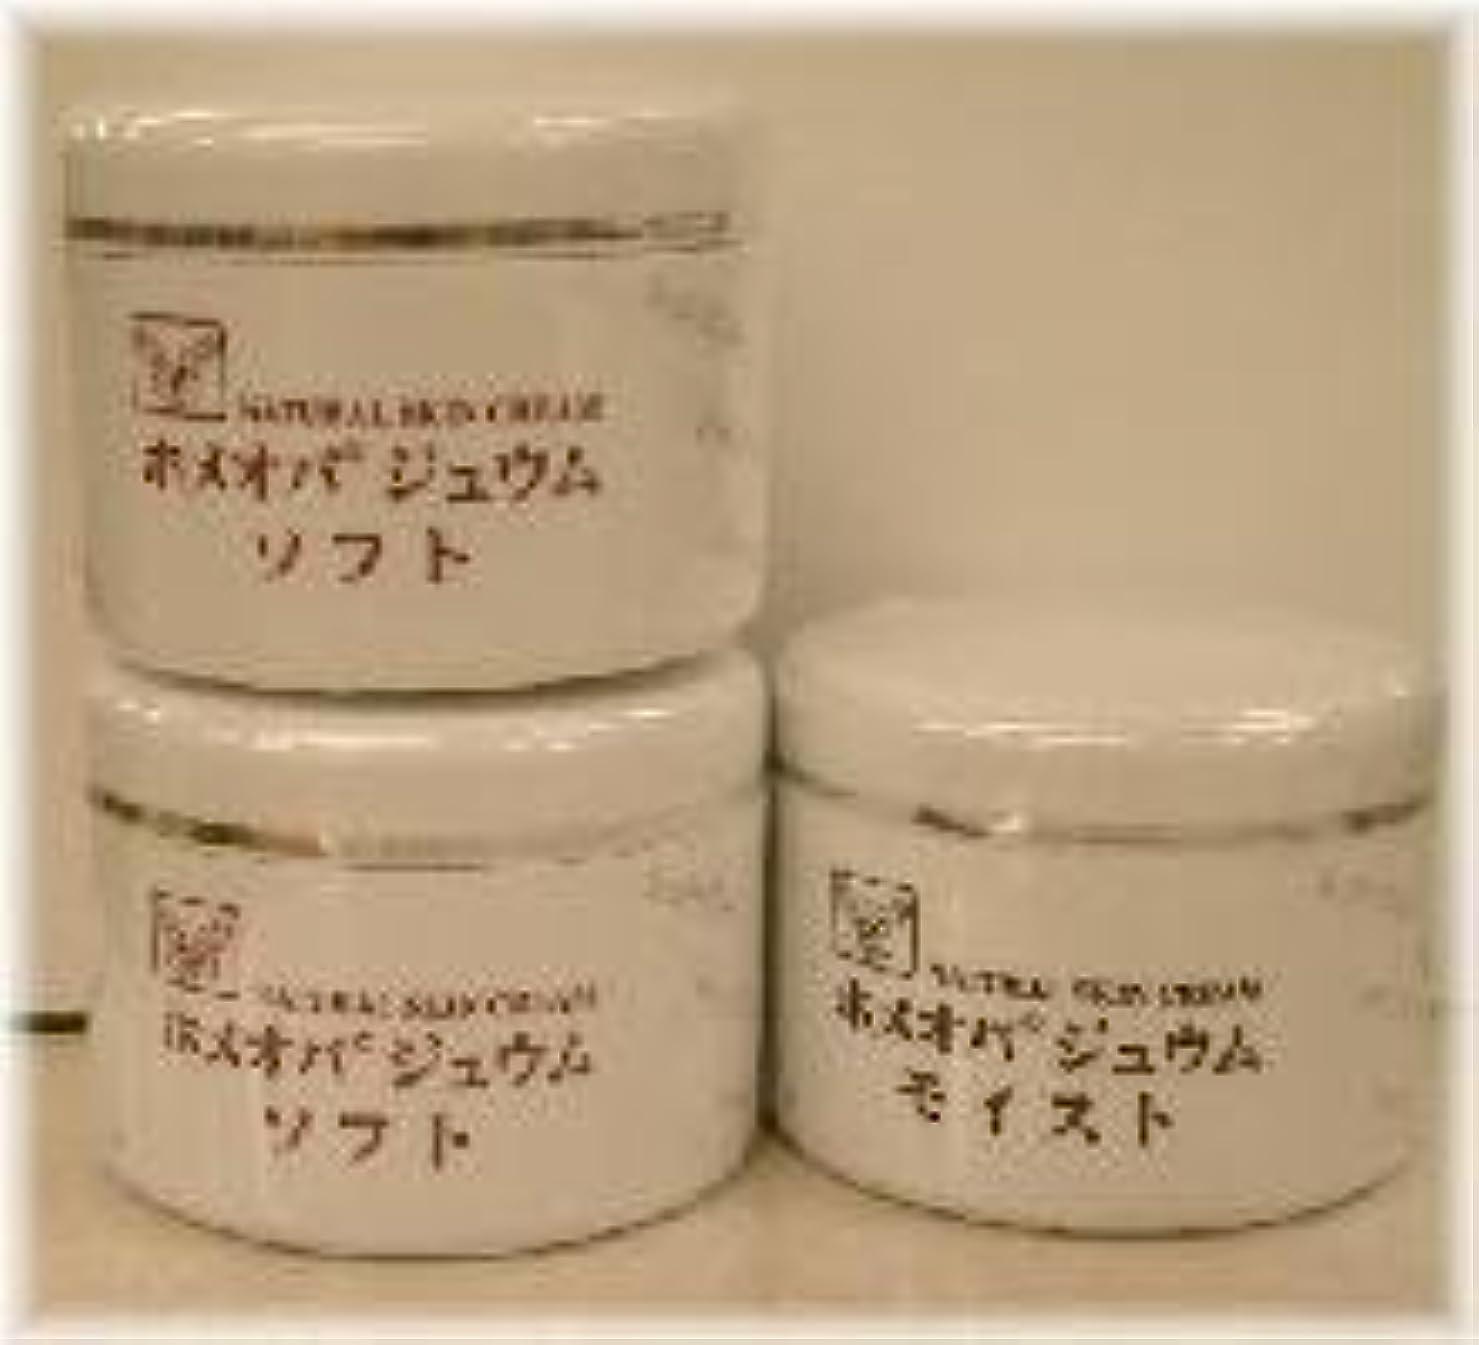 にやにやしがみつく実行可能ホメオパジュウム スキンケア商品3点 ¥10500クリームソフト2個+クリームモイスト